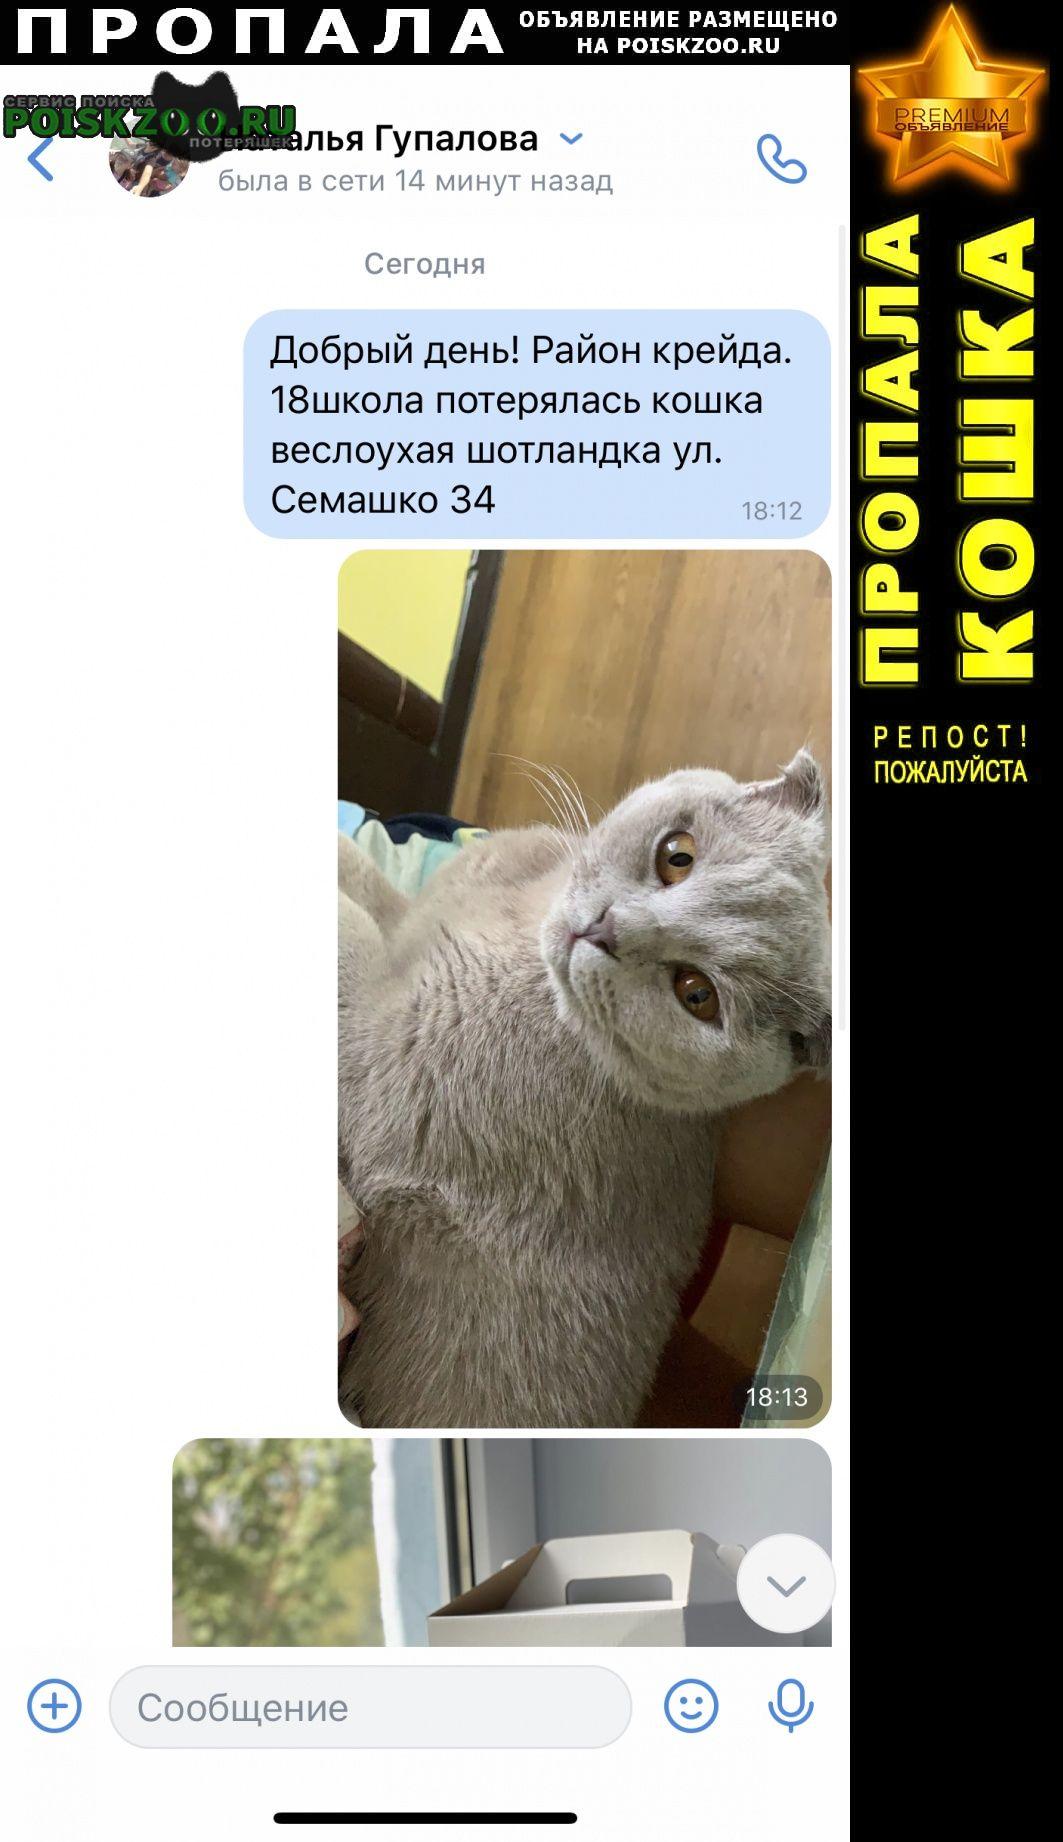 Пропала кошка Белгород